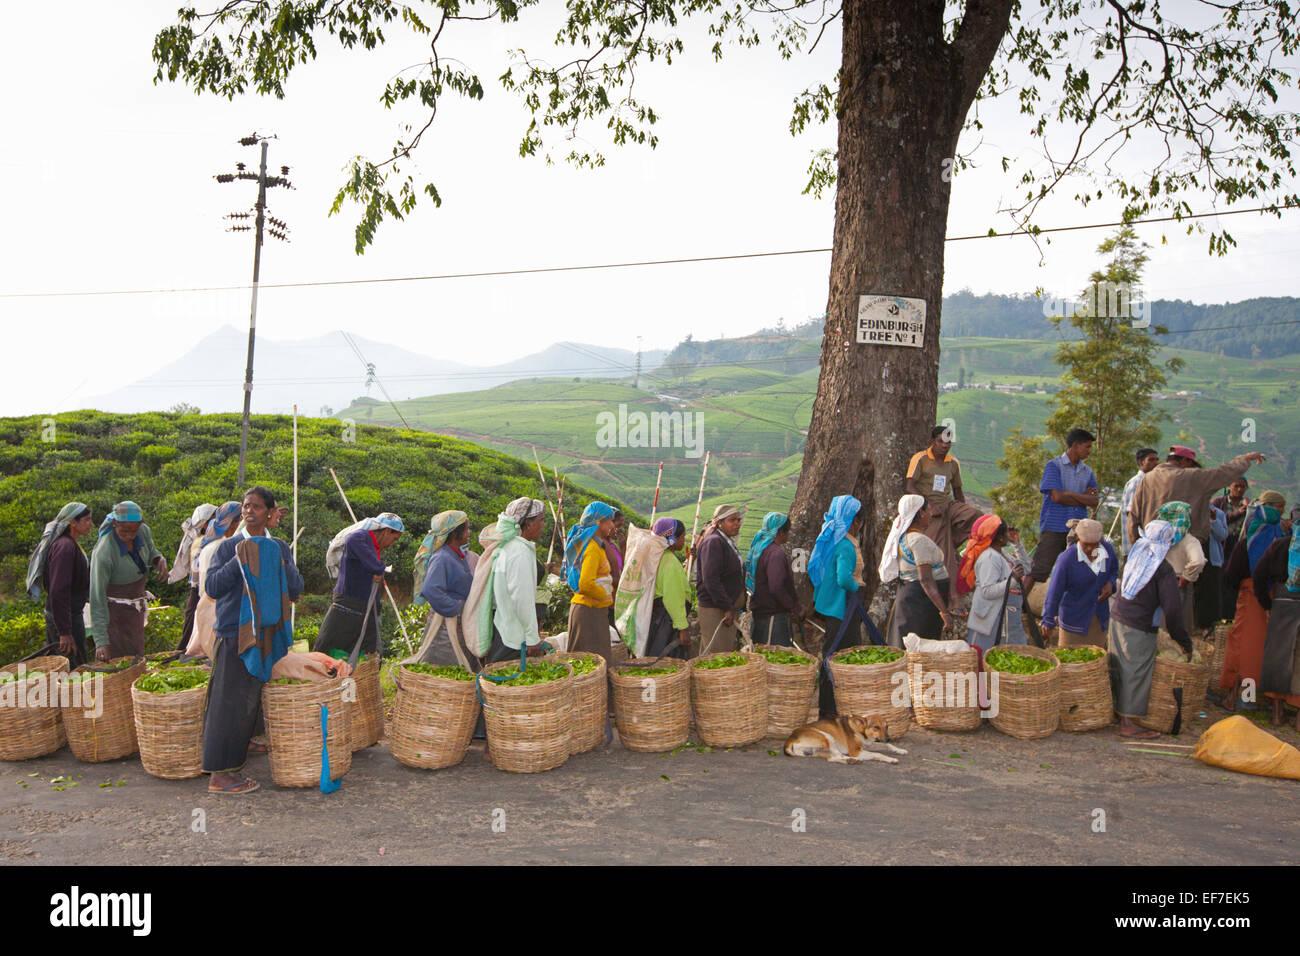 Les cueilleurs de thé s'ALIGNENT POUR PESER ET LE PAIEMENT Photo Stock